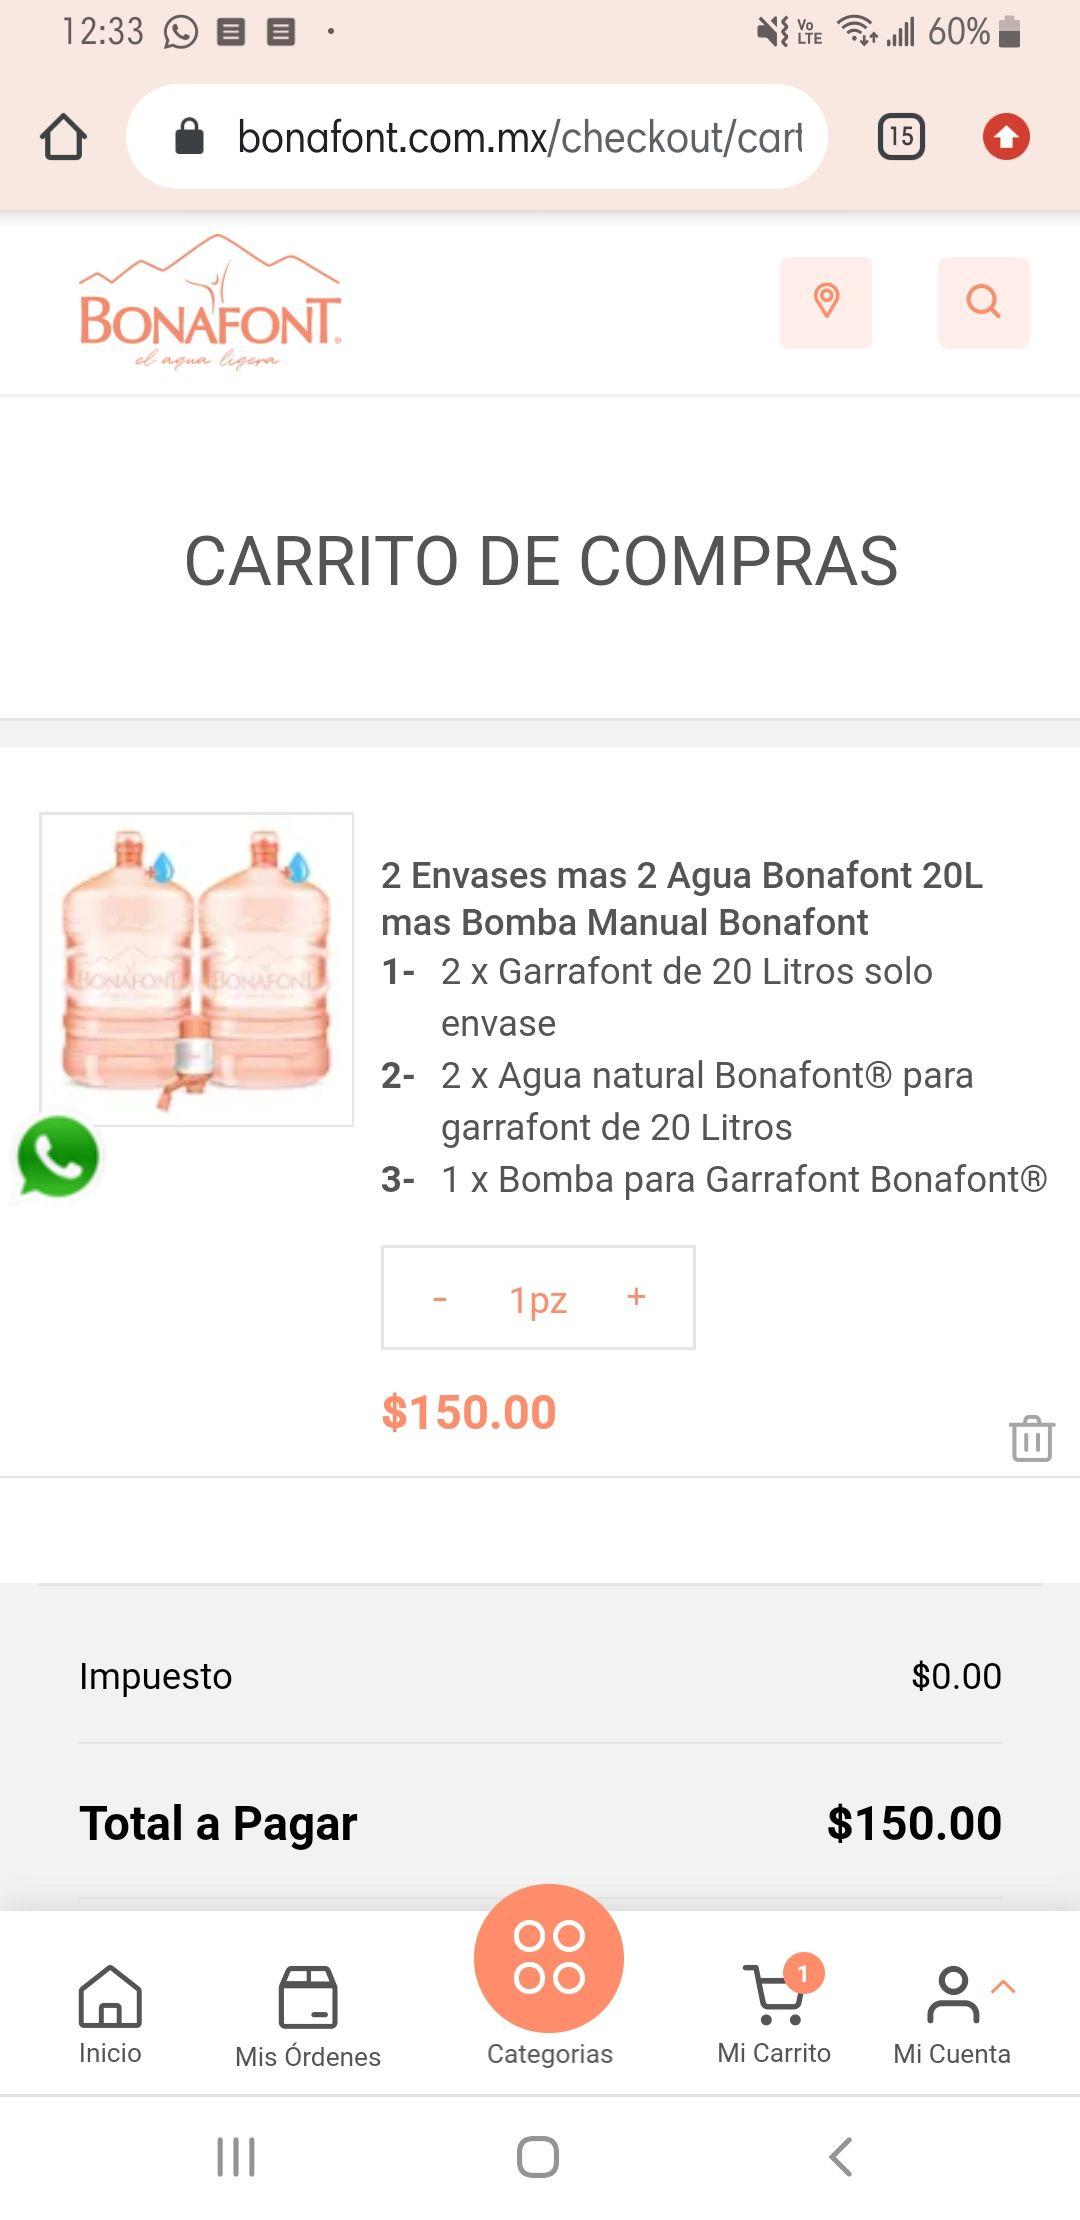 PROMO BONAFONT (2 garrafones con bomba de agua manual)